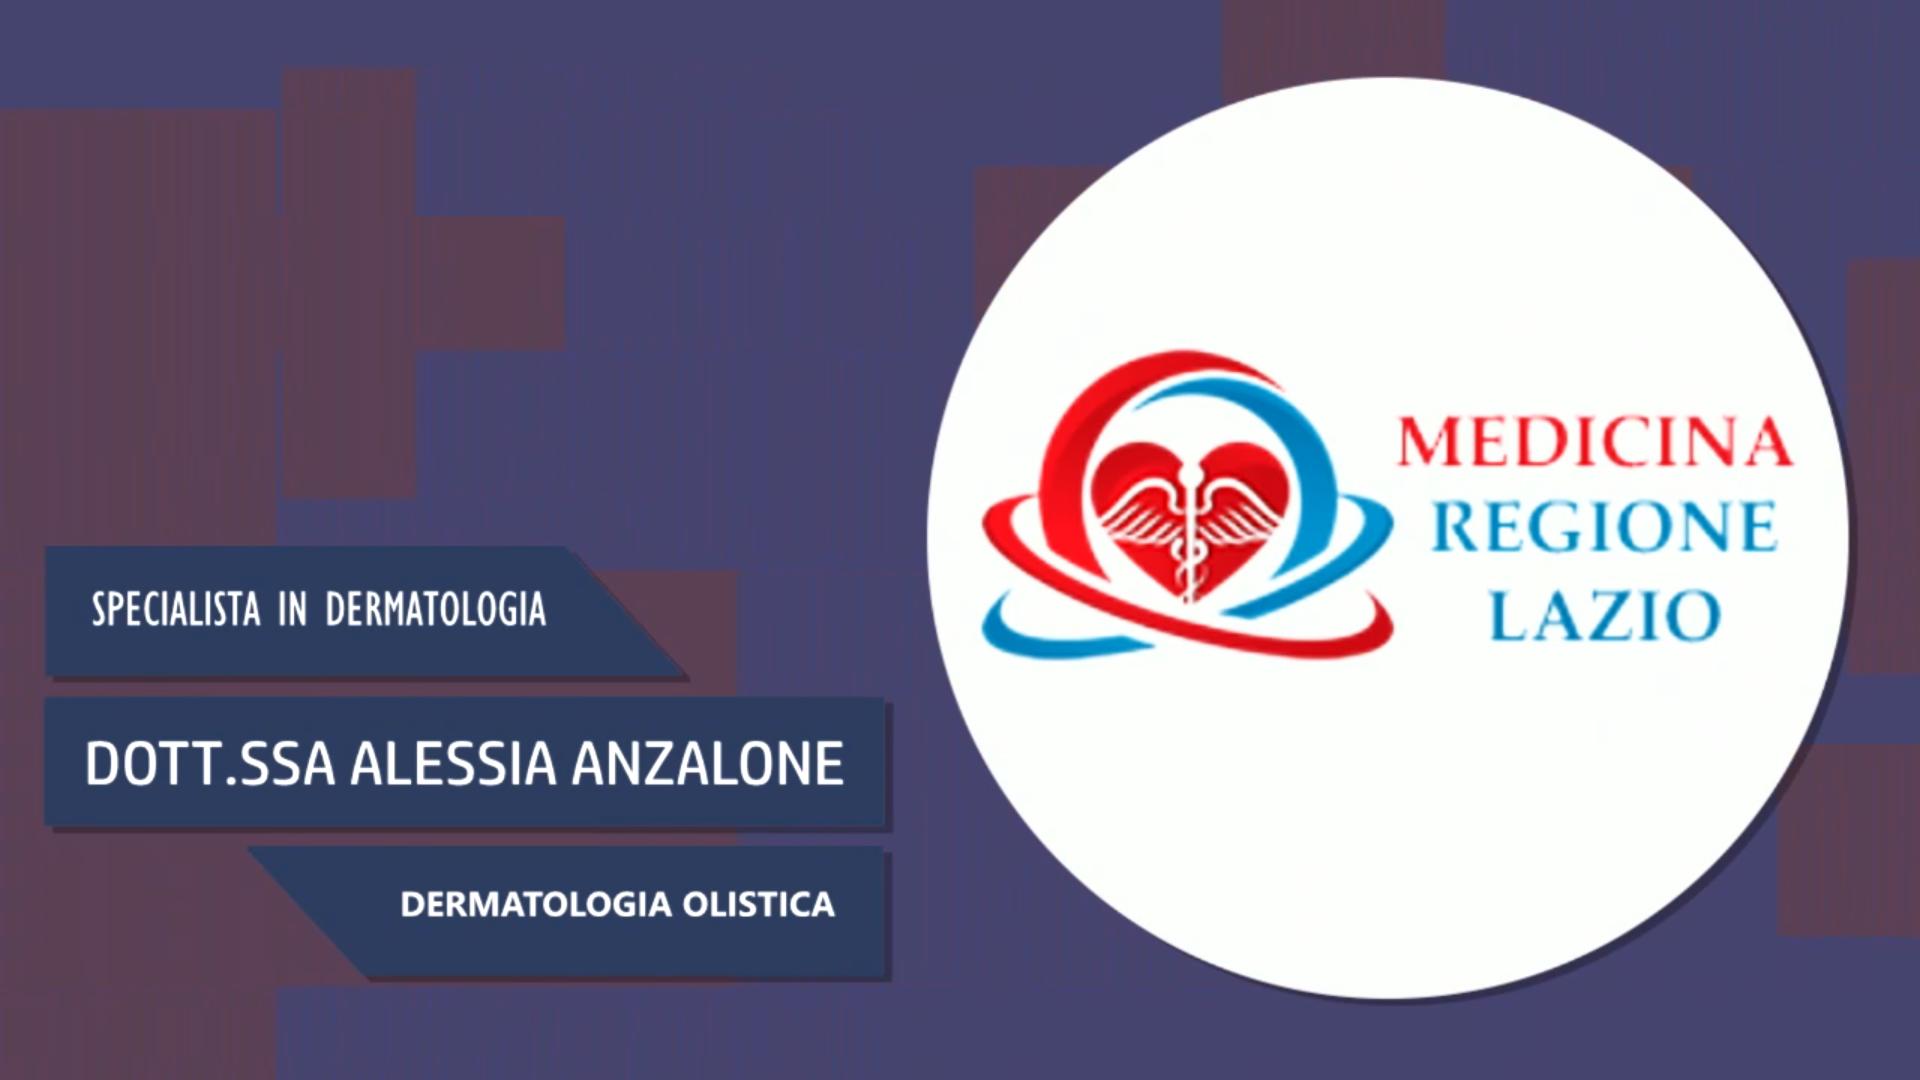 Intervista alla Dott.ssa Alessia Anzalone – Dermatologia olistica